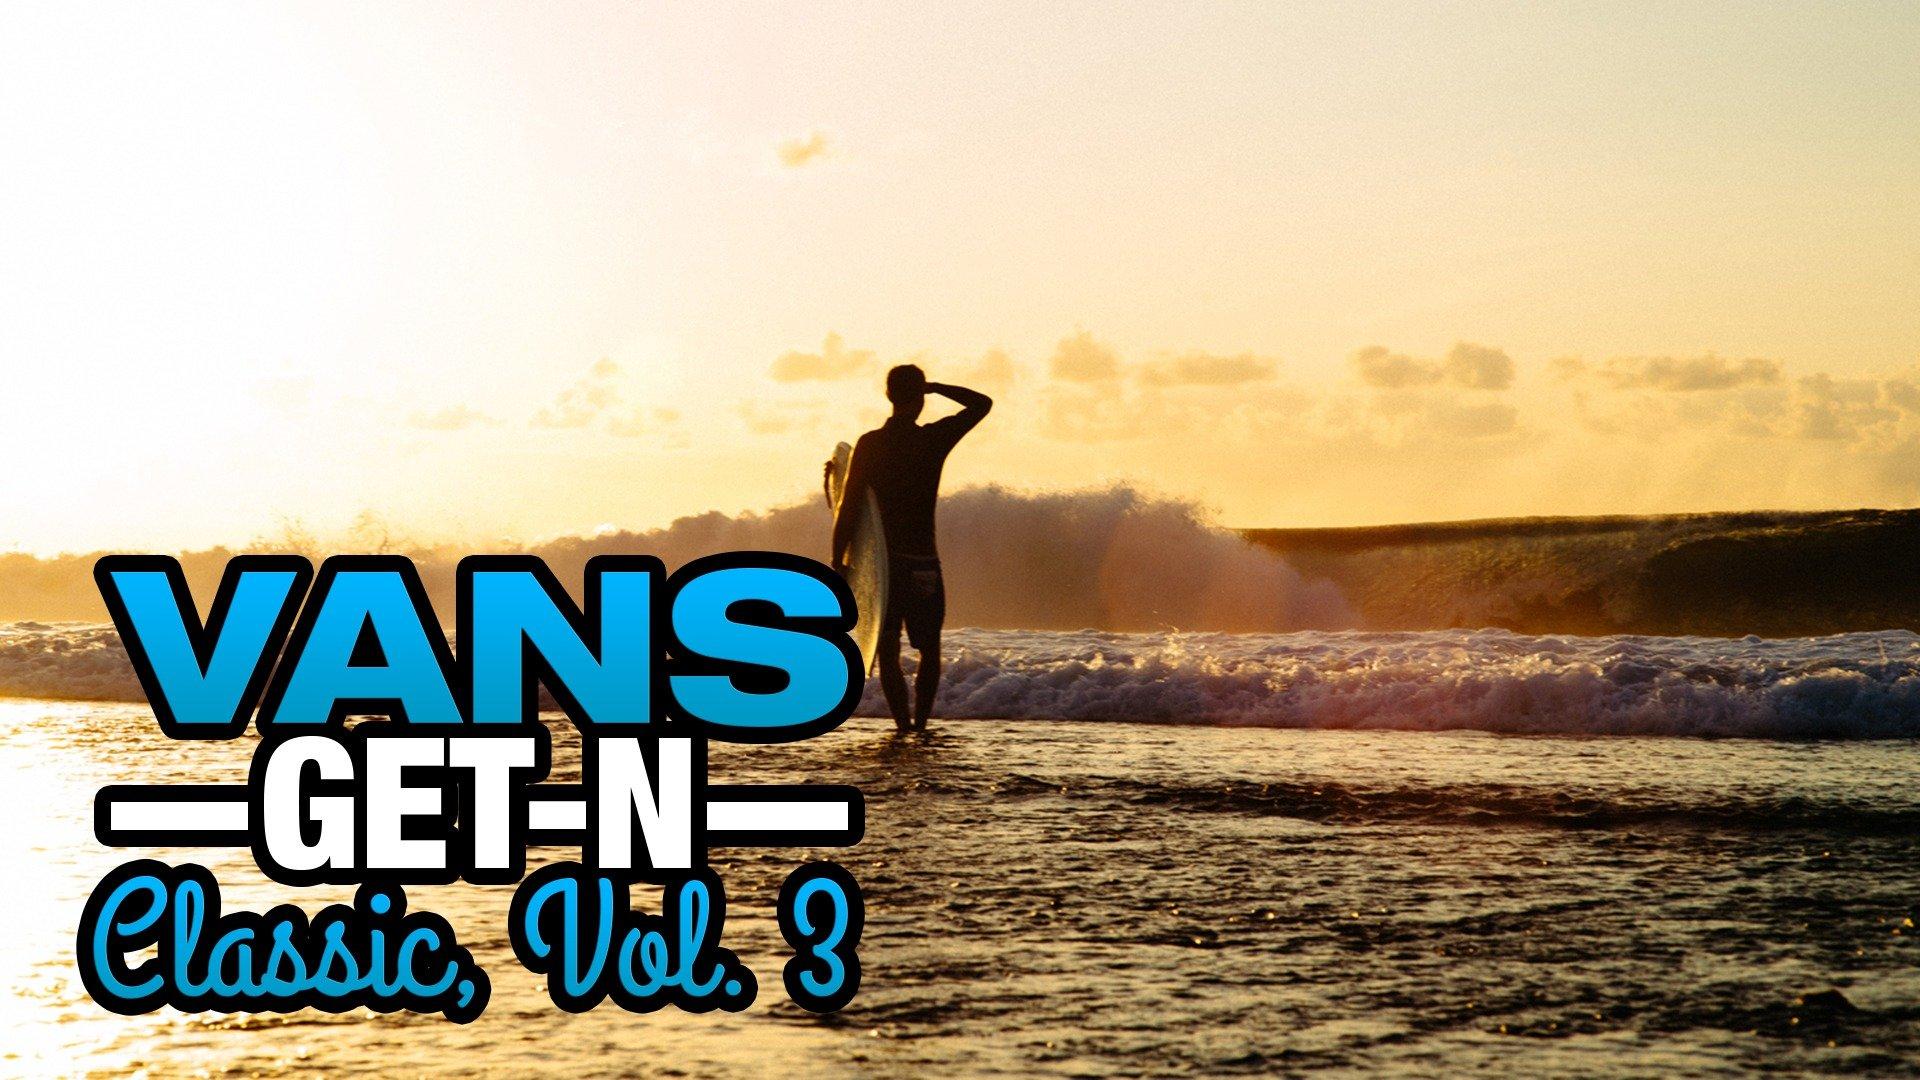 Vans Get-N Classic, Vol. 3